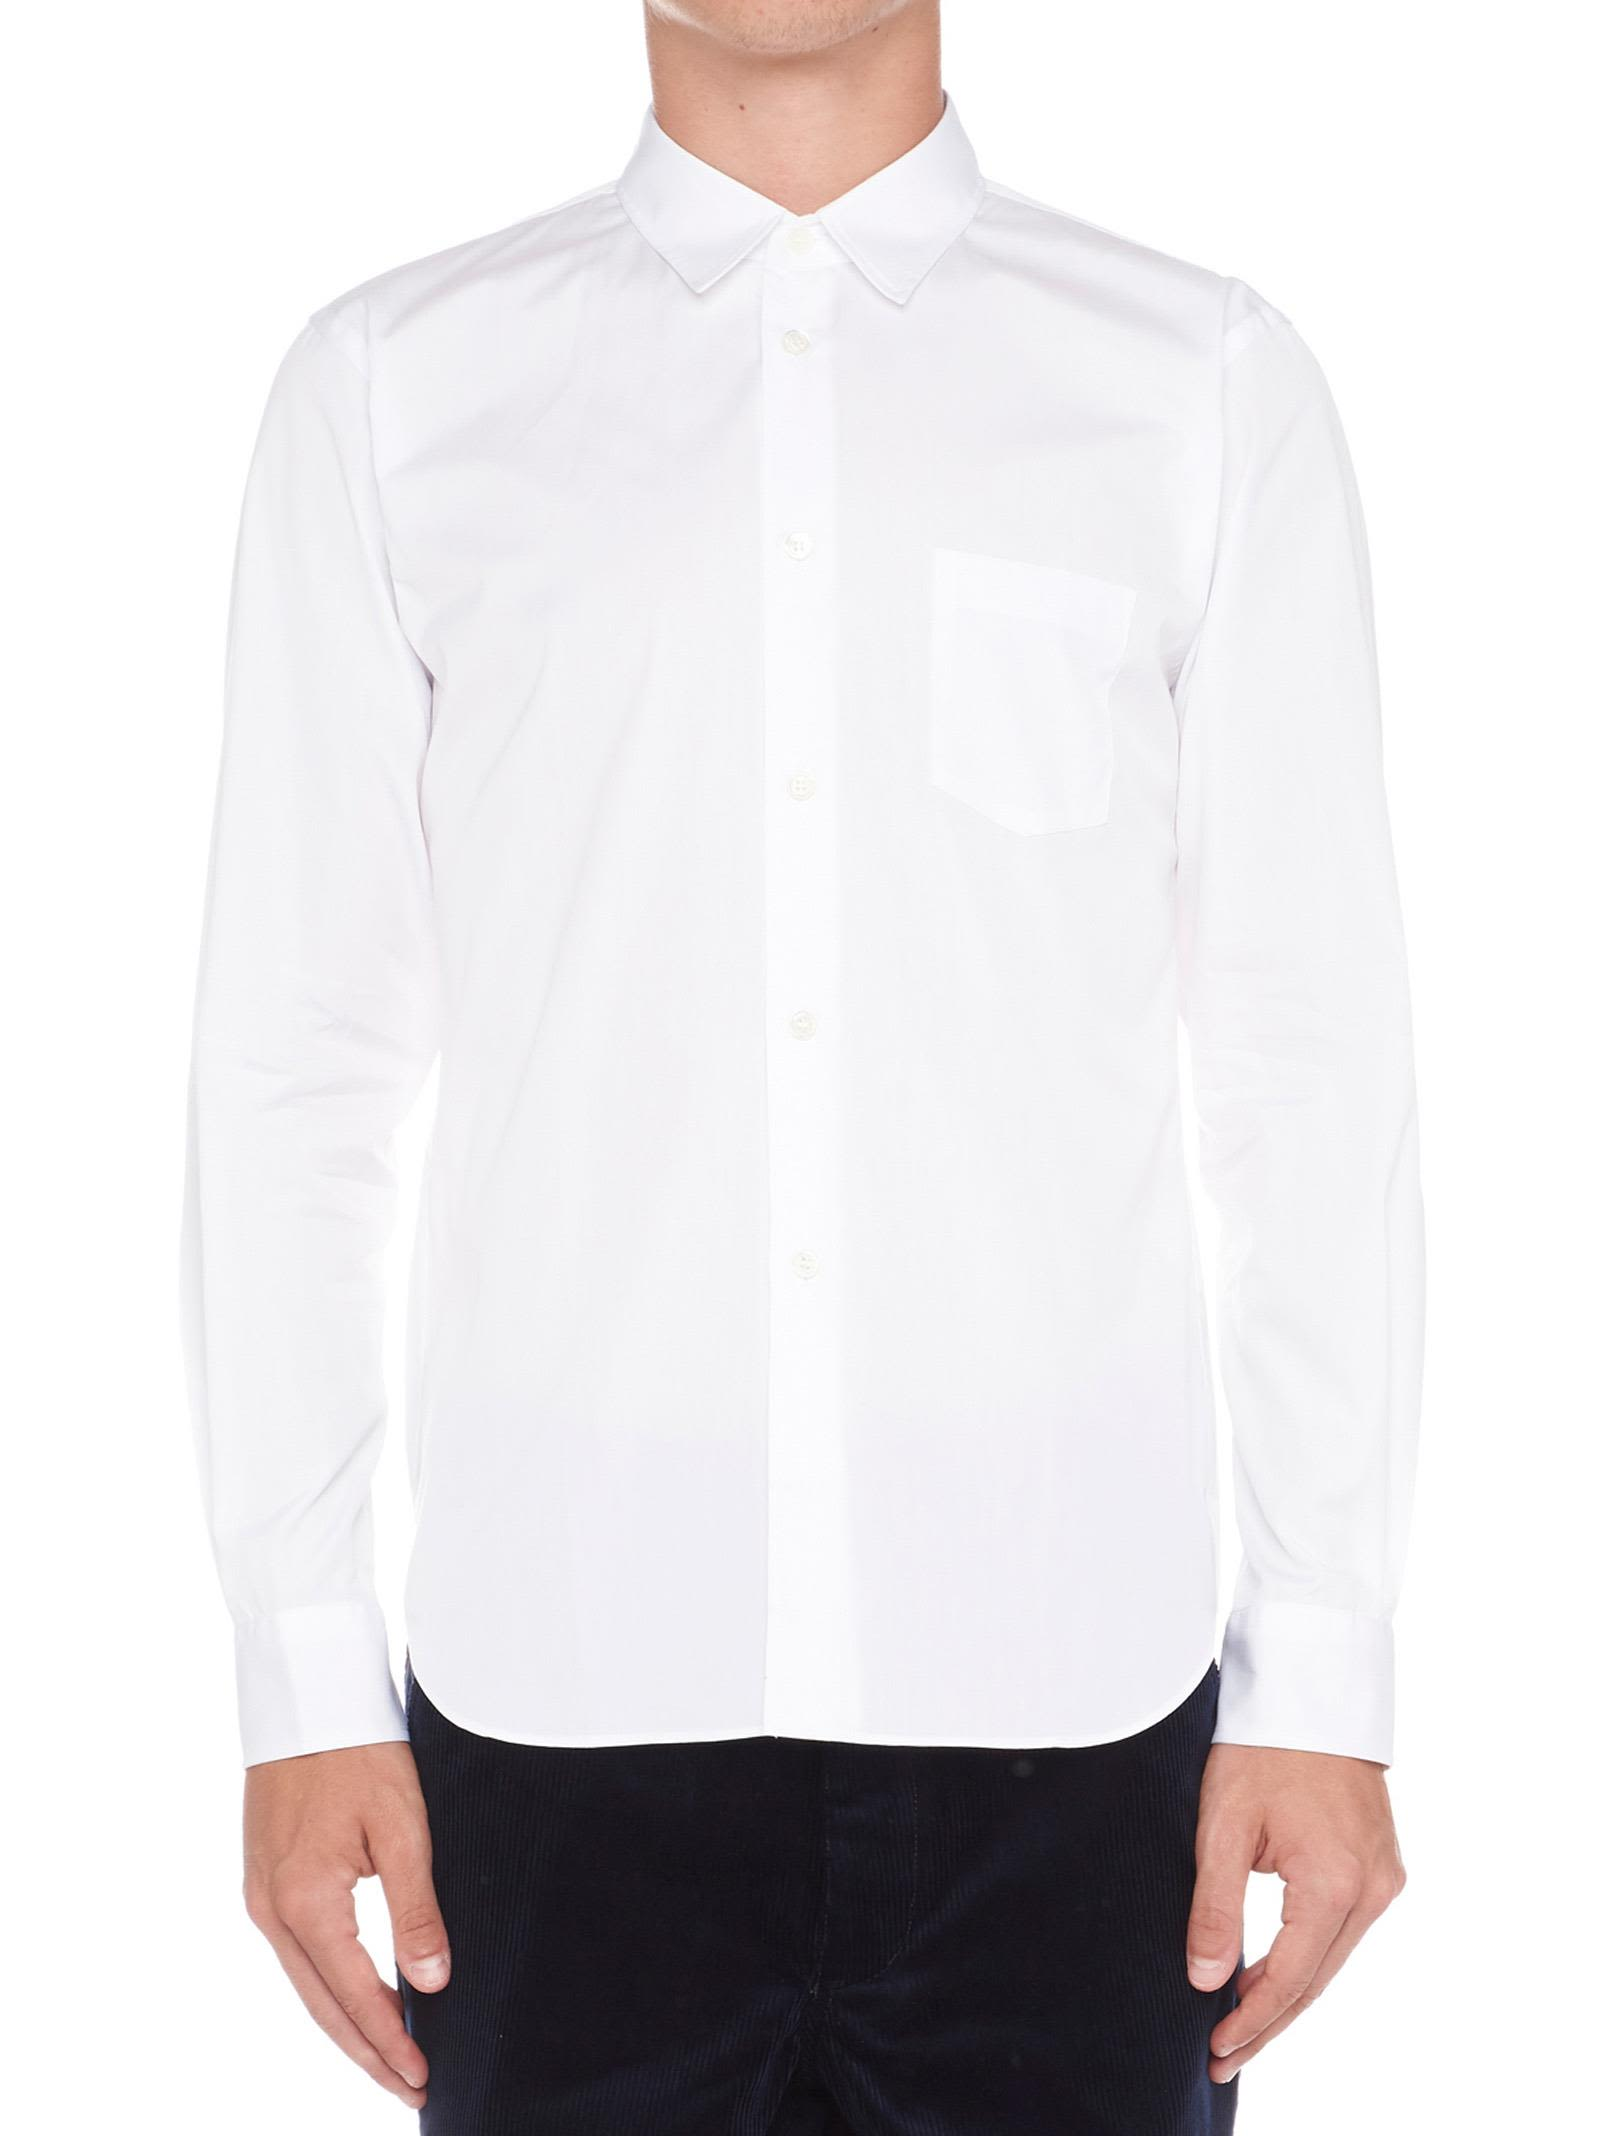 COMME DES GARÇONS BOYS Comme Des Garçons Boys 'Comme Shirt' Shirt in White